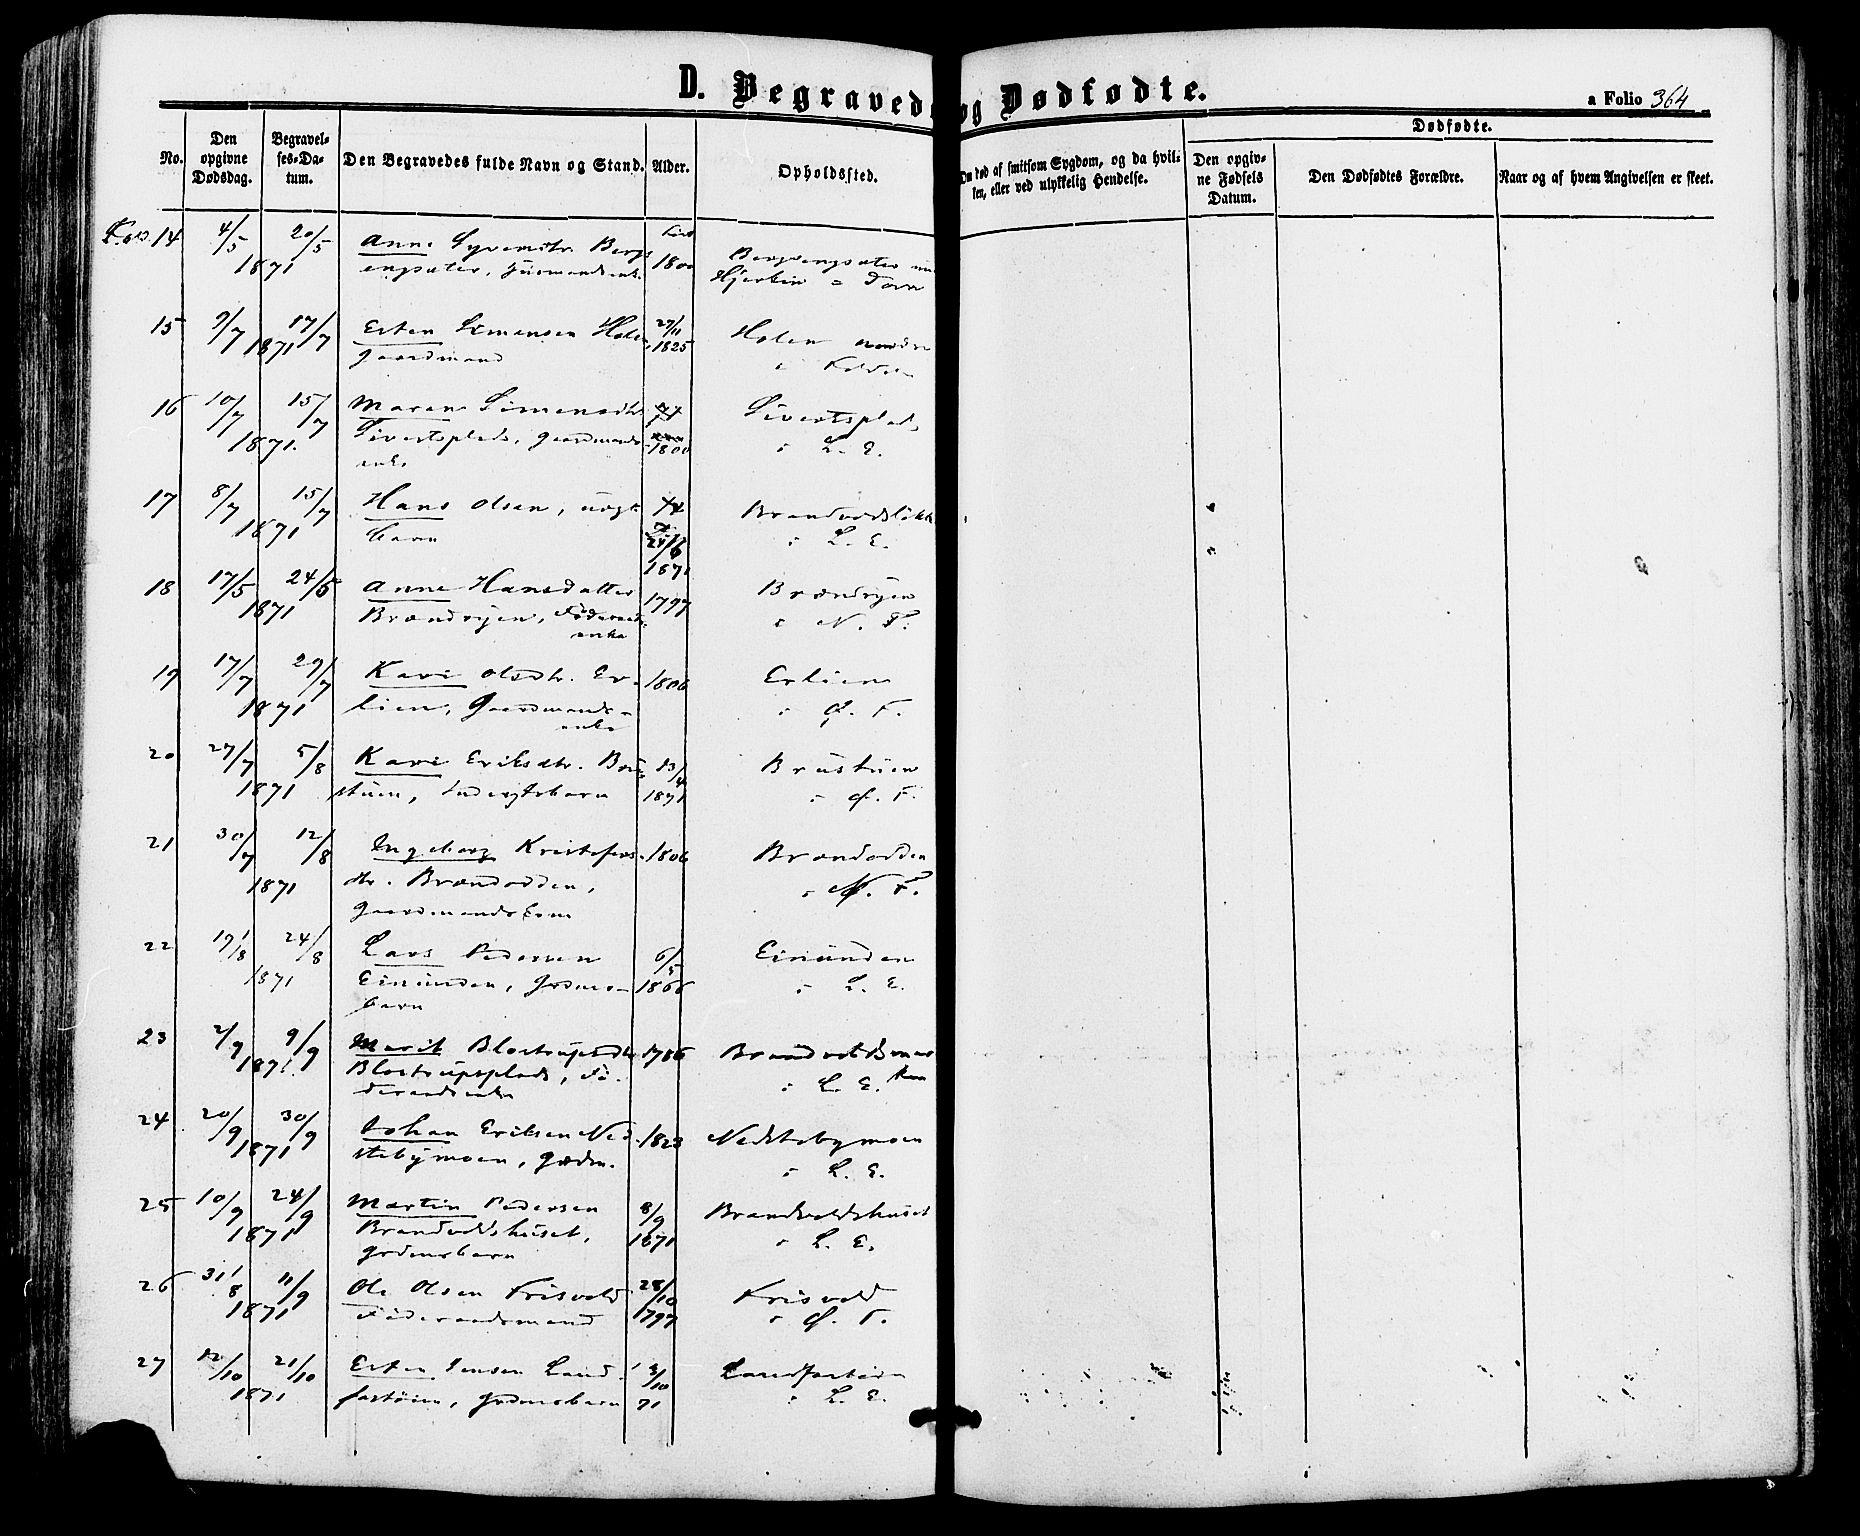 SAH, Alvdal prestekontor, Ministerialbok nr. 1, 1863-1882, s. 364